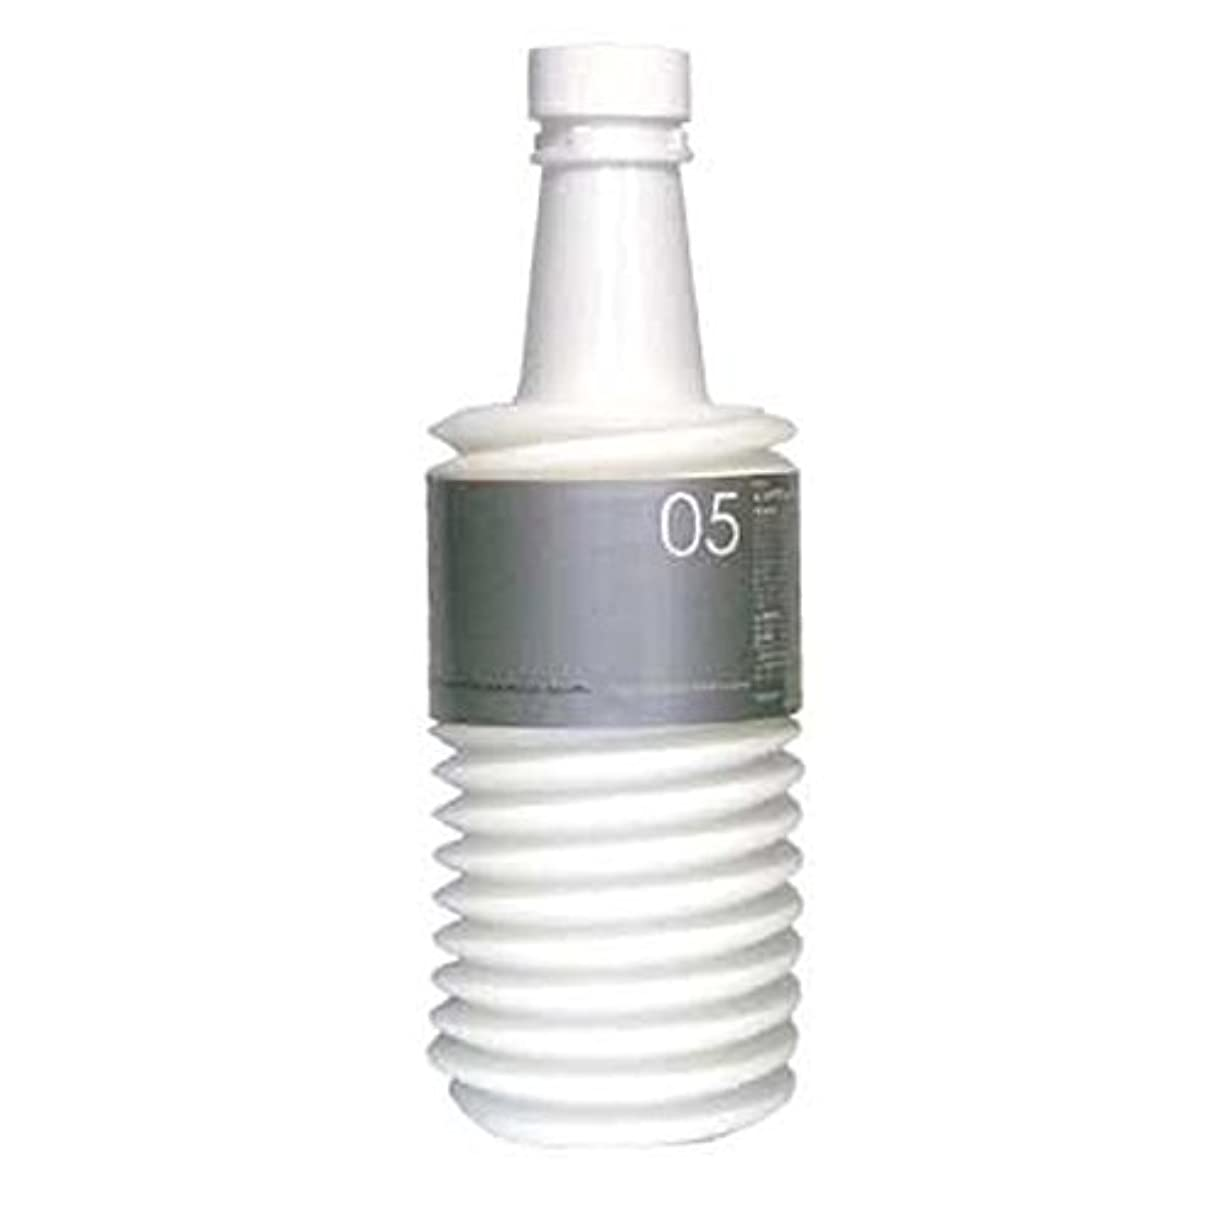 騒々しい足音取り替えるムコタ アデューラアイレ05 ヘアマスクトリートメントスムーサー 700g